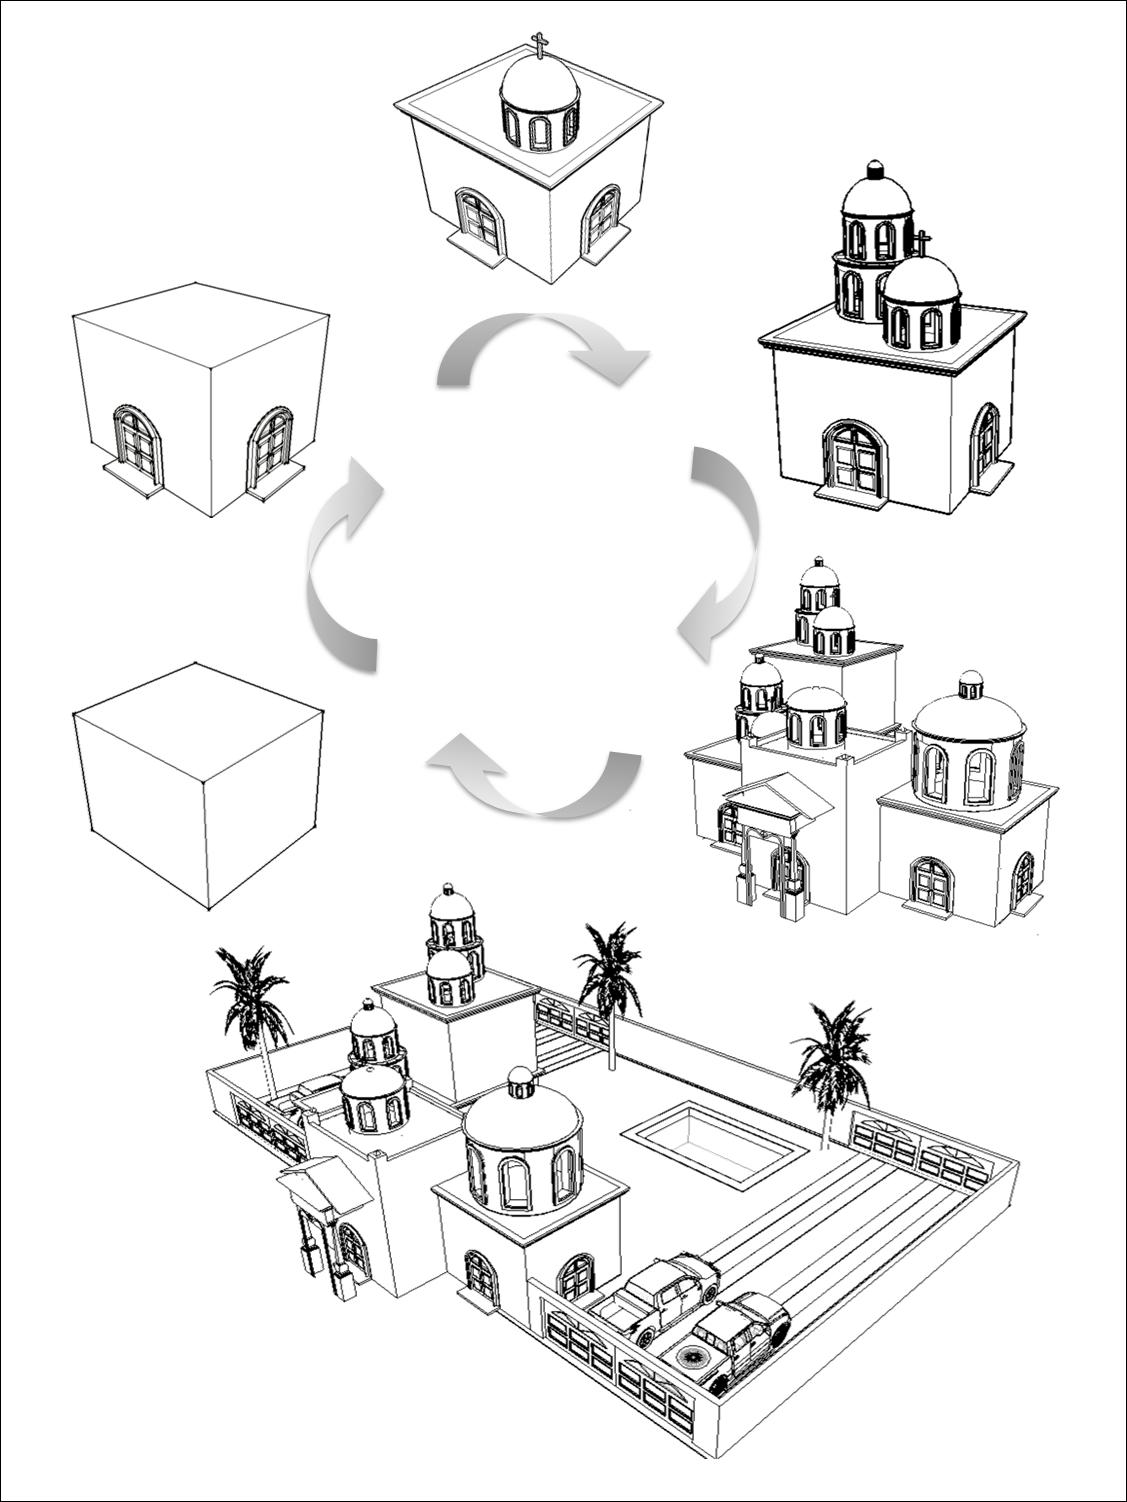 Ilustración de la evolución del diseño narco, desde el cubo módulo básico cristalizado en la tumba hasta la residencia. (Elaboración del autor).